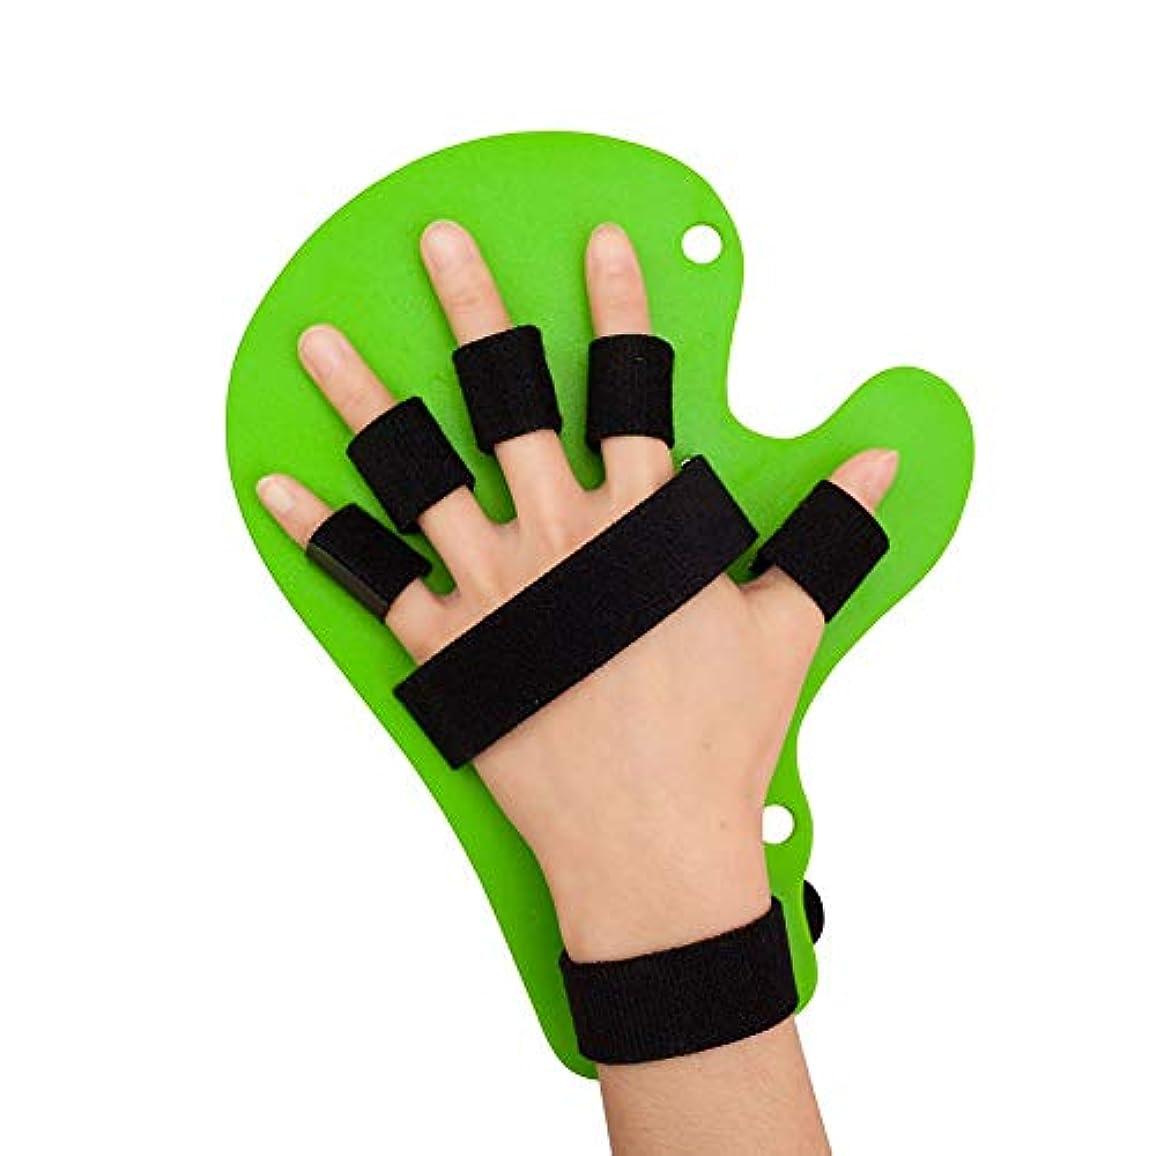 賞賛ほこりっぽい教会スプリント指指セパレーター、指インソール指トレーニング、手の手首のトレーニング脳卒中患者の関節炎リハビリトレーニング機器を指 (Color : 緑)